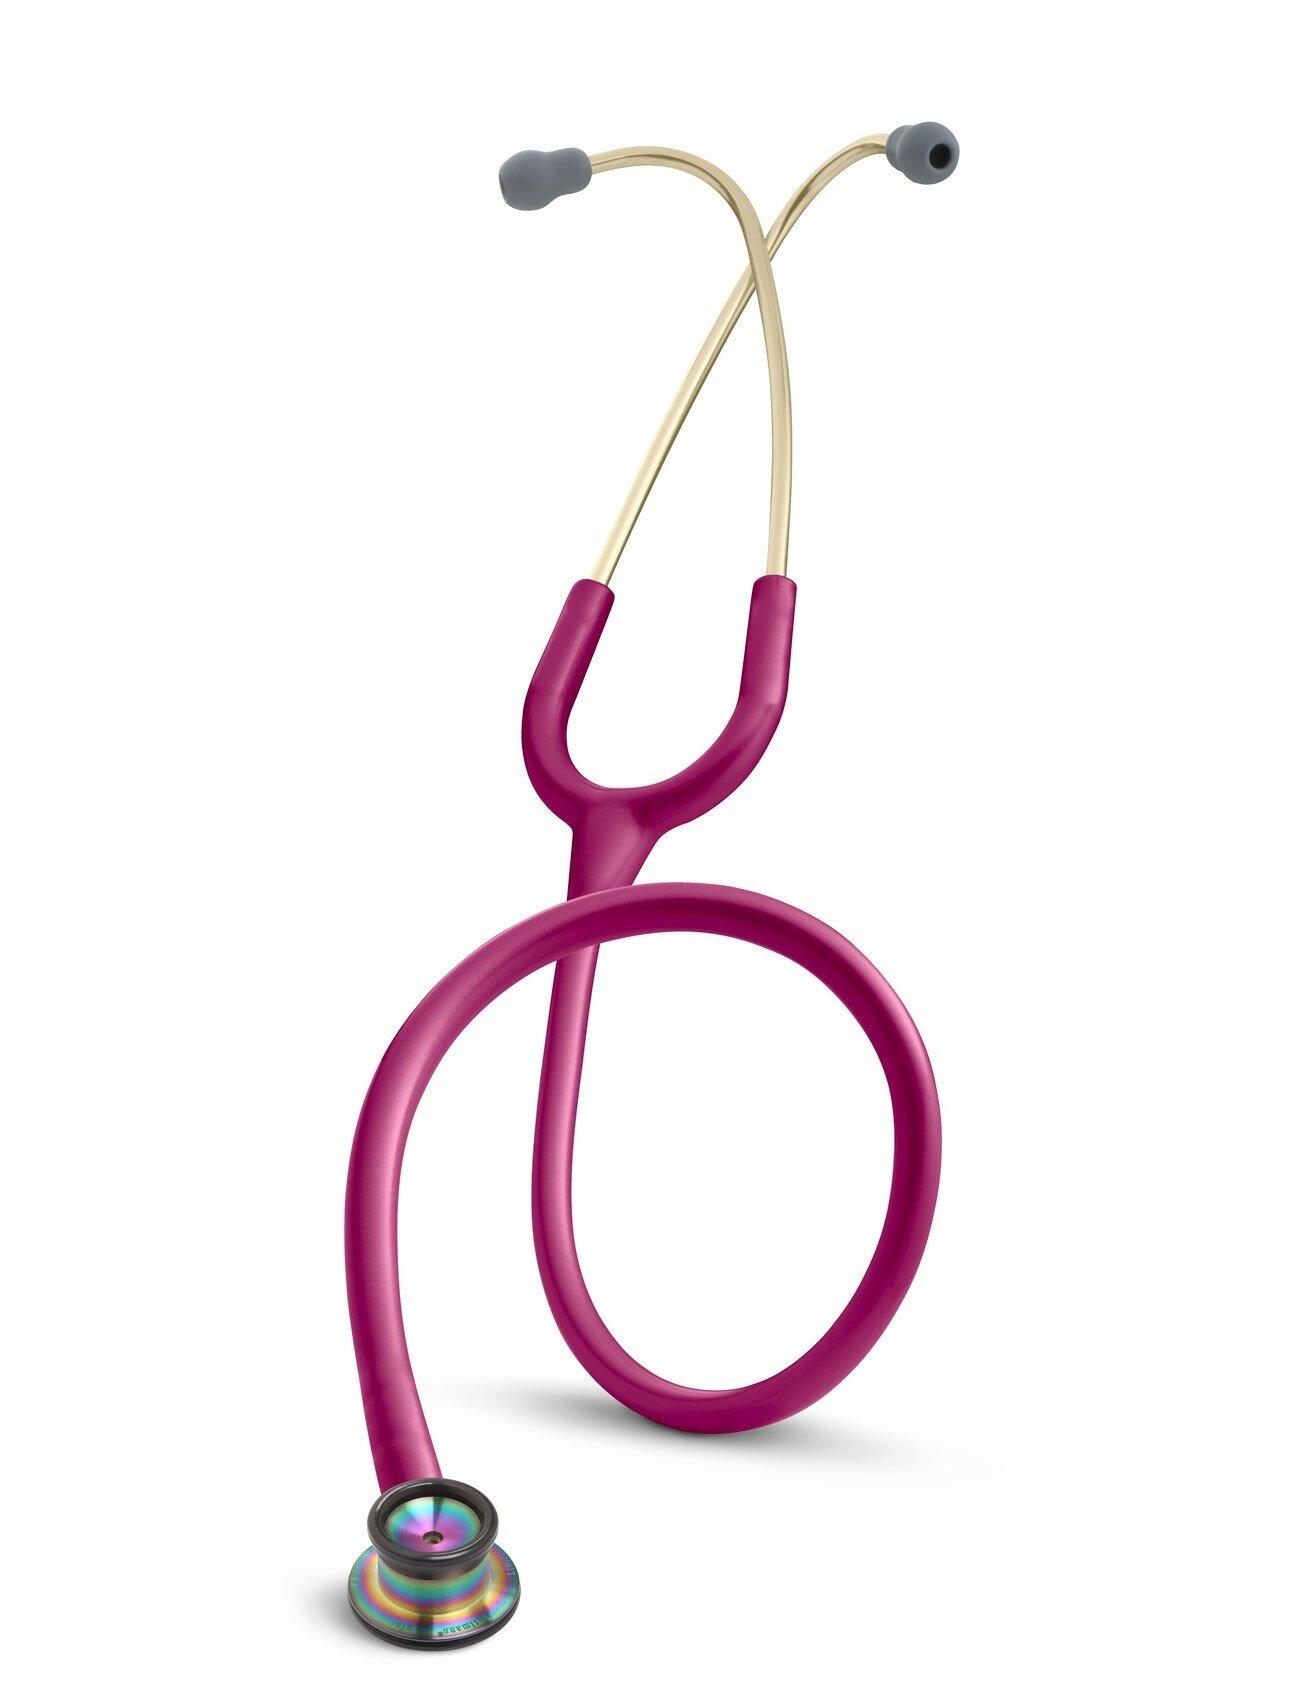 Неонатальный стетофонендоскоп 3M™Littmann Classic II Infant малиновый, радужный колокол (2157)